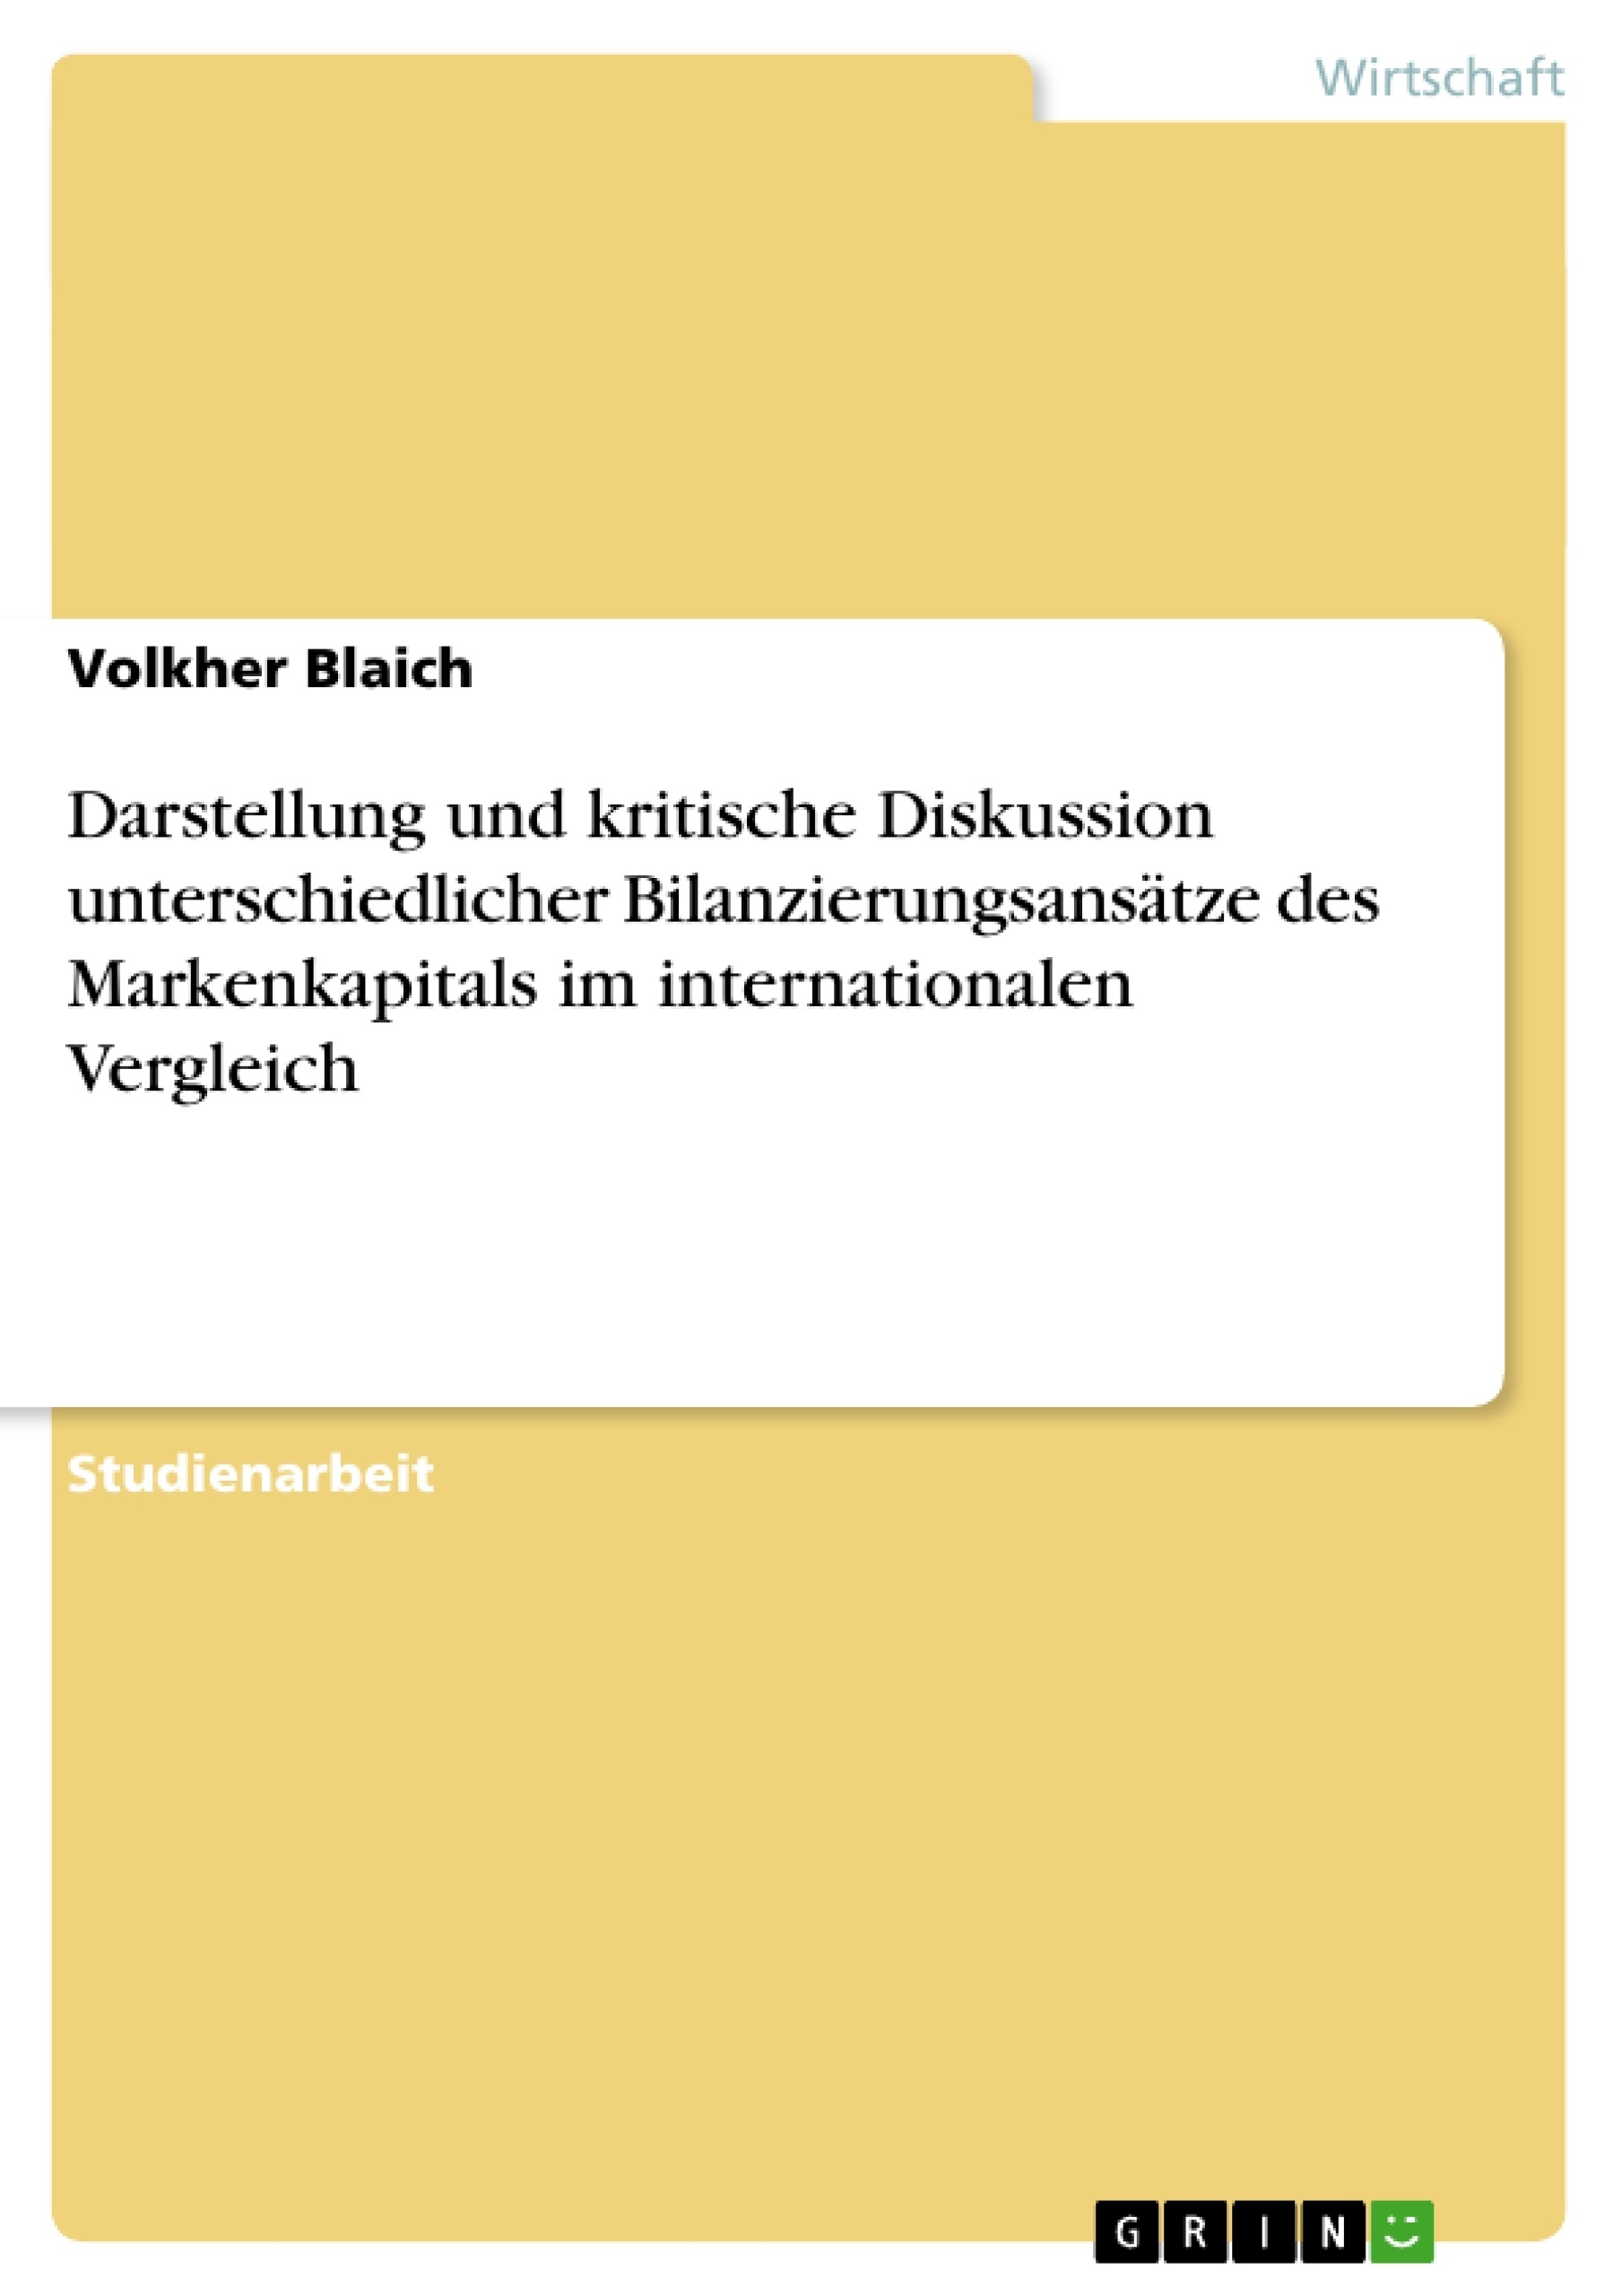 Titel: Darstellung und kritische Diskussion unterschiedlicher Bilanzierungsansätze des Markenkapitals im internationalen Vergleich